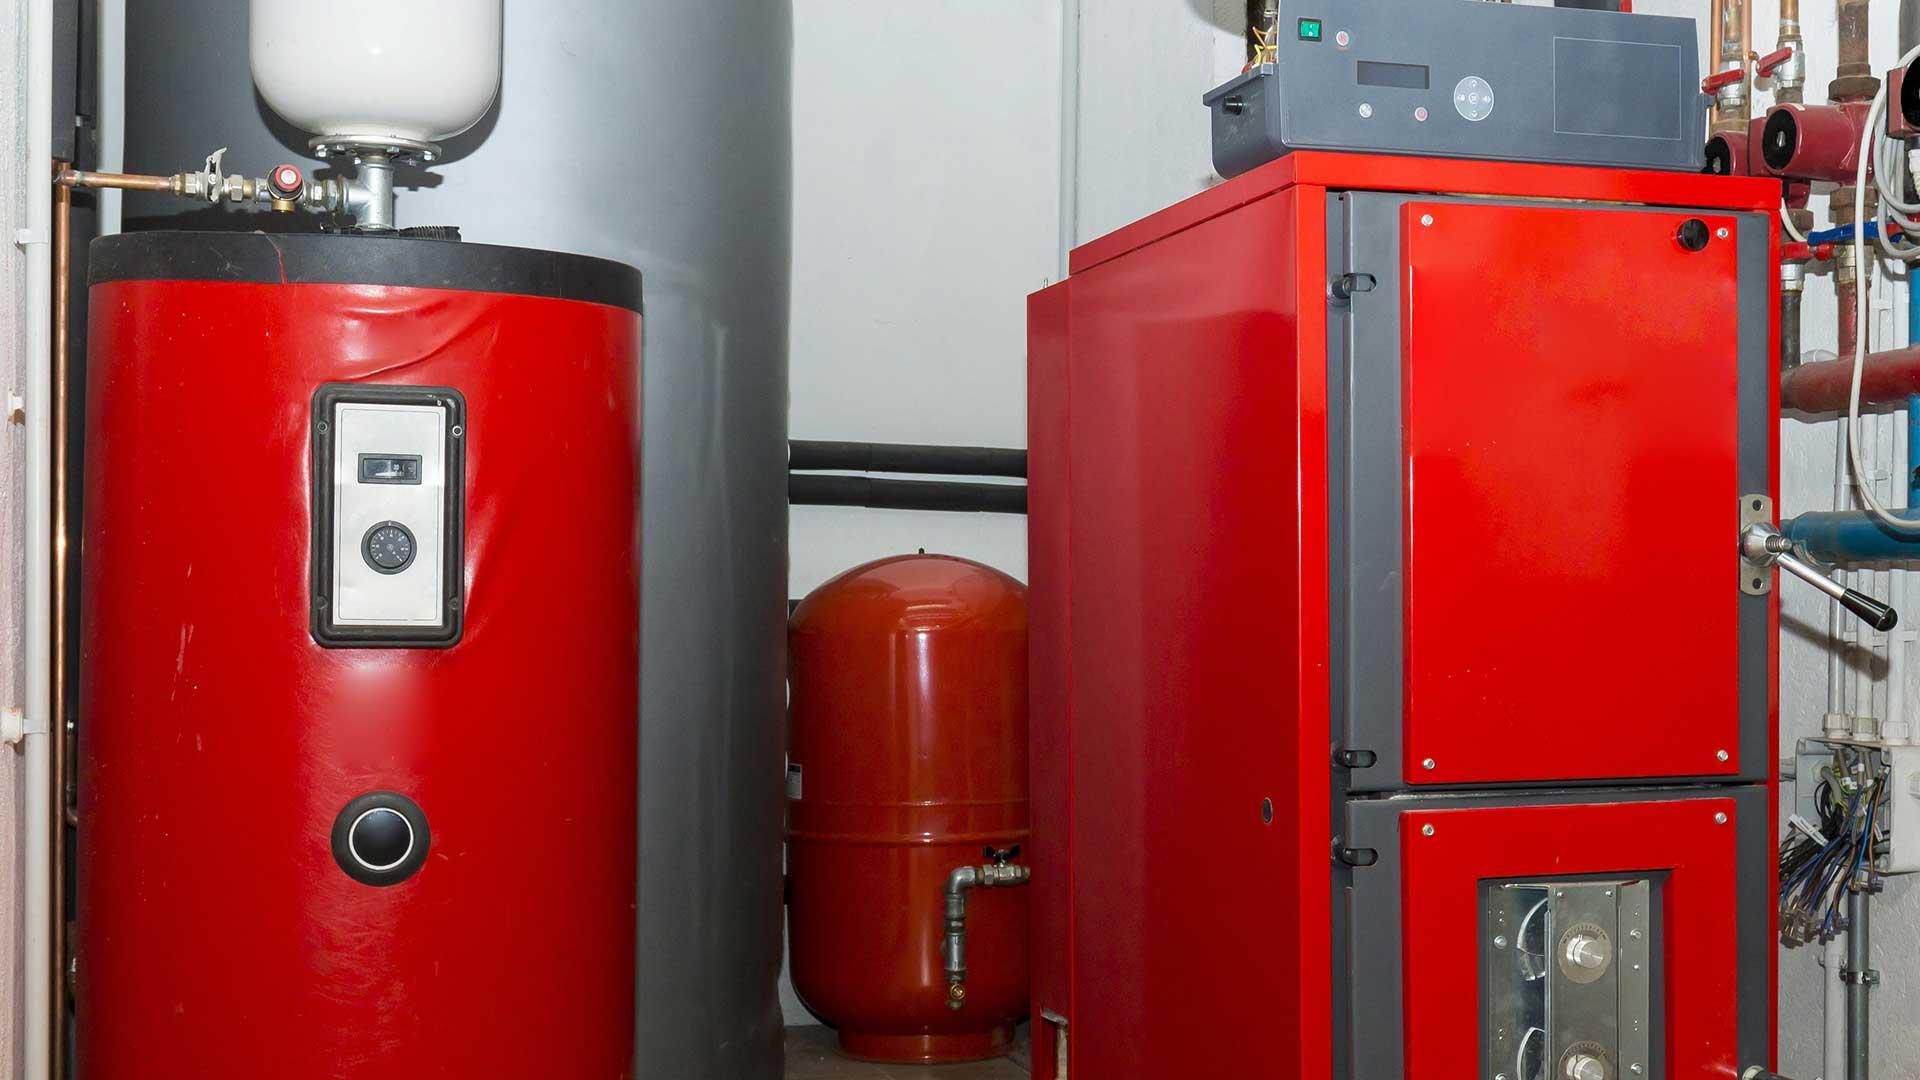 A red biomass boiler